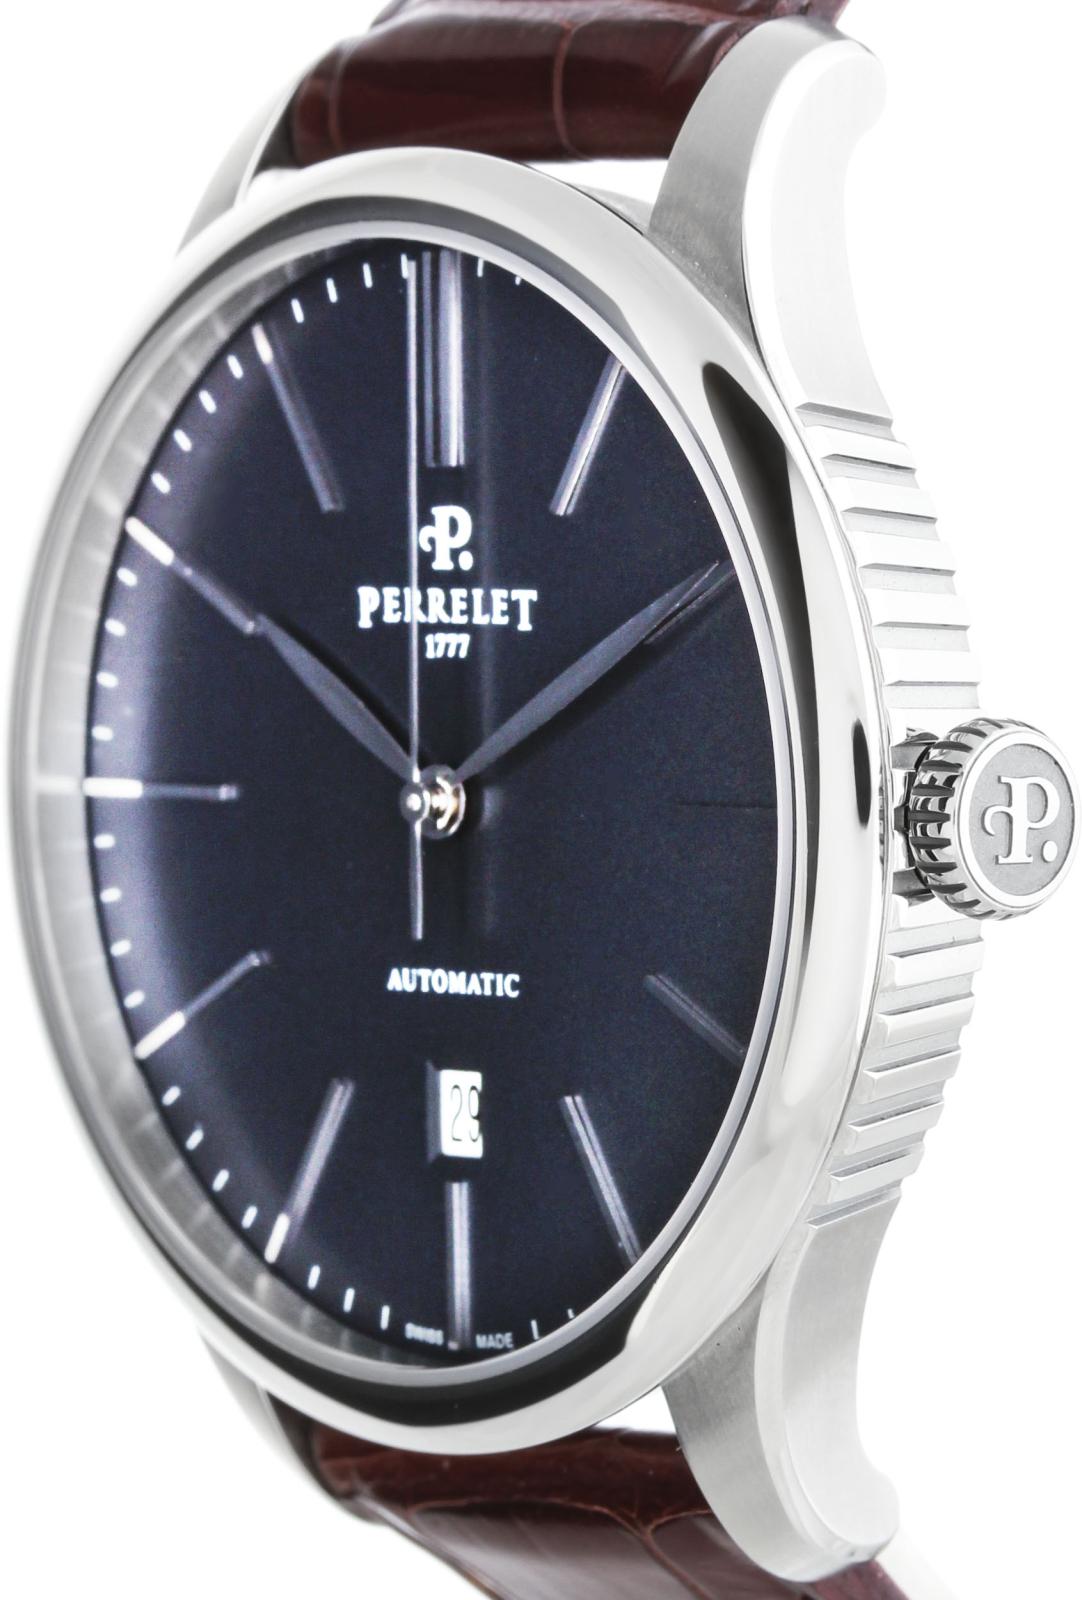 Perrelet First Class A1073/3Наручные часы<br>Швейцарские часы Perrelet First Class Automatic&amp;nbsp; A1073/3Модель из коллекции FIRST CLASS - элегантной и неподвластной времени, отличаются строгостью линий и гармоничными объемами корпуса диаметром 42,5 мм., выполненного из матовой и полированной стали. Корпус часов - нержавеющая сталь 316L.&amp;nbsp;Механизм - P 321 - механика с автоподзаводом, 28800 полуколебаний/час, 25 камней, запас хода 42 часа.&amp;nbsp;Циферблат защищает сапфировое стекло с двусторонним антибликовым покрытием. Водозащита - 50 м.&amp;nbsp;Ремень - кожа.<br><br>Пол: Мужские<br>Страна-производитель: Швейцария<br>Механизм: Механический<br>Материал корпуса: Сталь<br>Материал ремня/браслета: Кожа<br>Водозащита, диапазон: 20 - 100 м<br>Стекло: Сапфировое<br>Толщина корпуса: 10,70 мм<br>Стиль: Классика